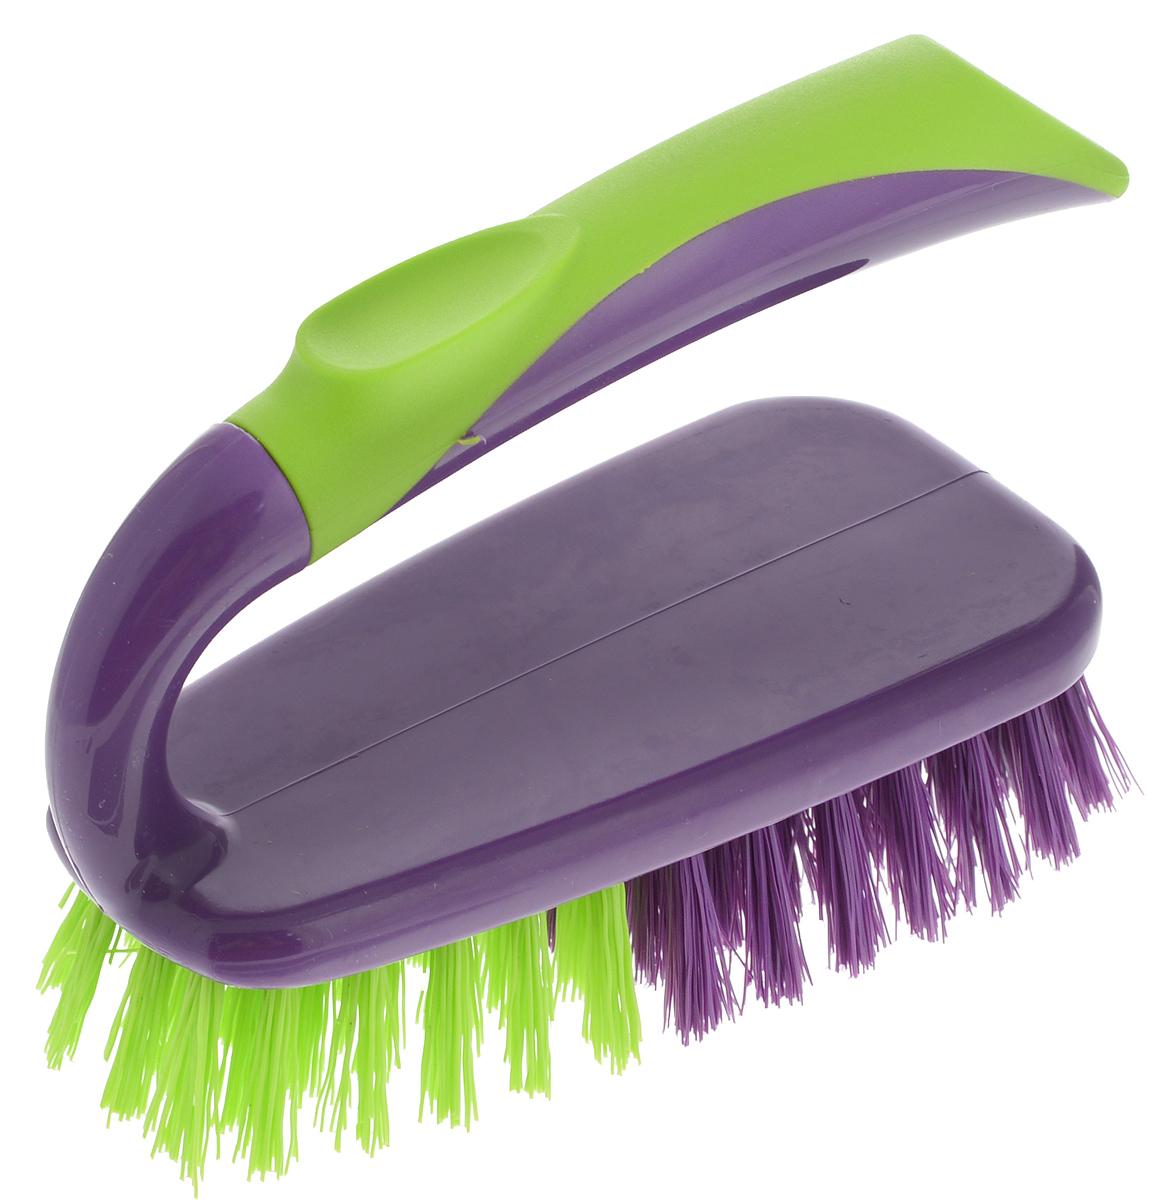 Щетка-утюжок York Prestige, цвет: фиолетовый, салатовый4004/040040_фиолетовый, салатовыйЩетка-утюжок York Prestige станет незаменимым помощником для удаления грязи на небольших поверхностях. Щетка выполнена из пластика и снабжена рукояткой эргономичной формы. Щетина двух видов (мягкая и жесткая) позволит очищать любые загрязнения. Может использоваться для чистки одежды, ковров, мебели. Высота щетины: 2,5 см. Размер рабочей поверхности: 14 х 7 см.